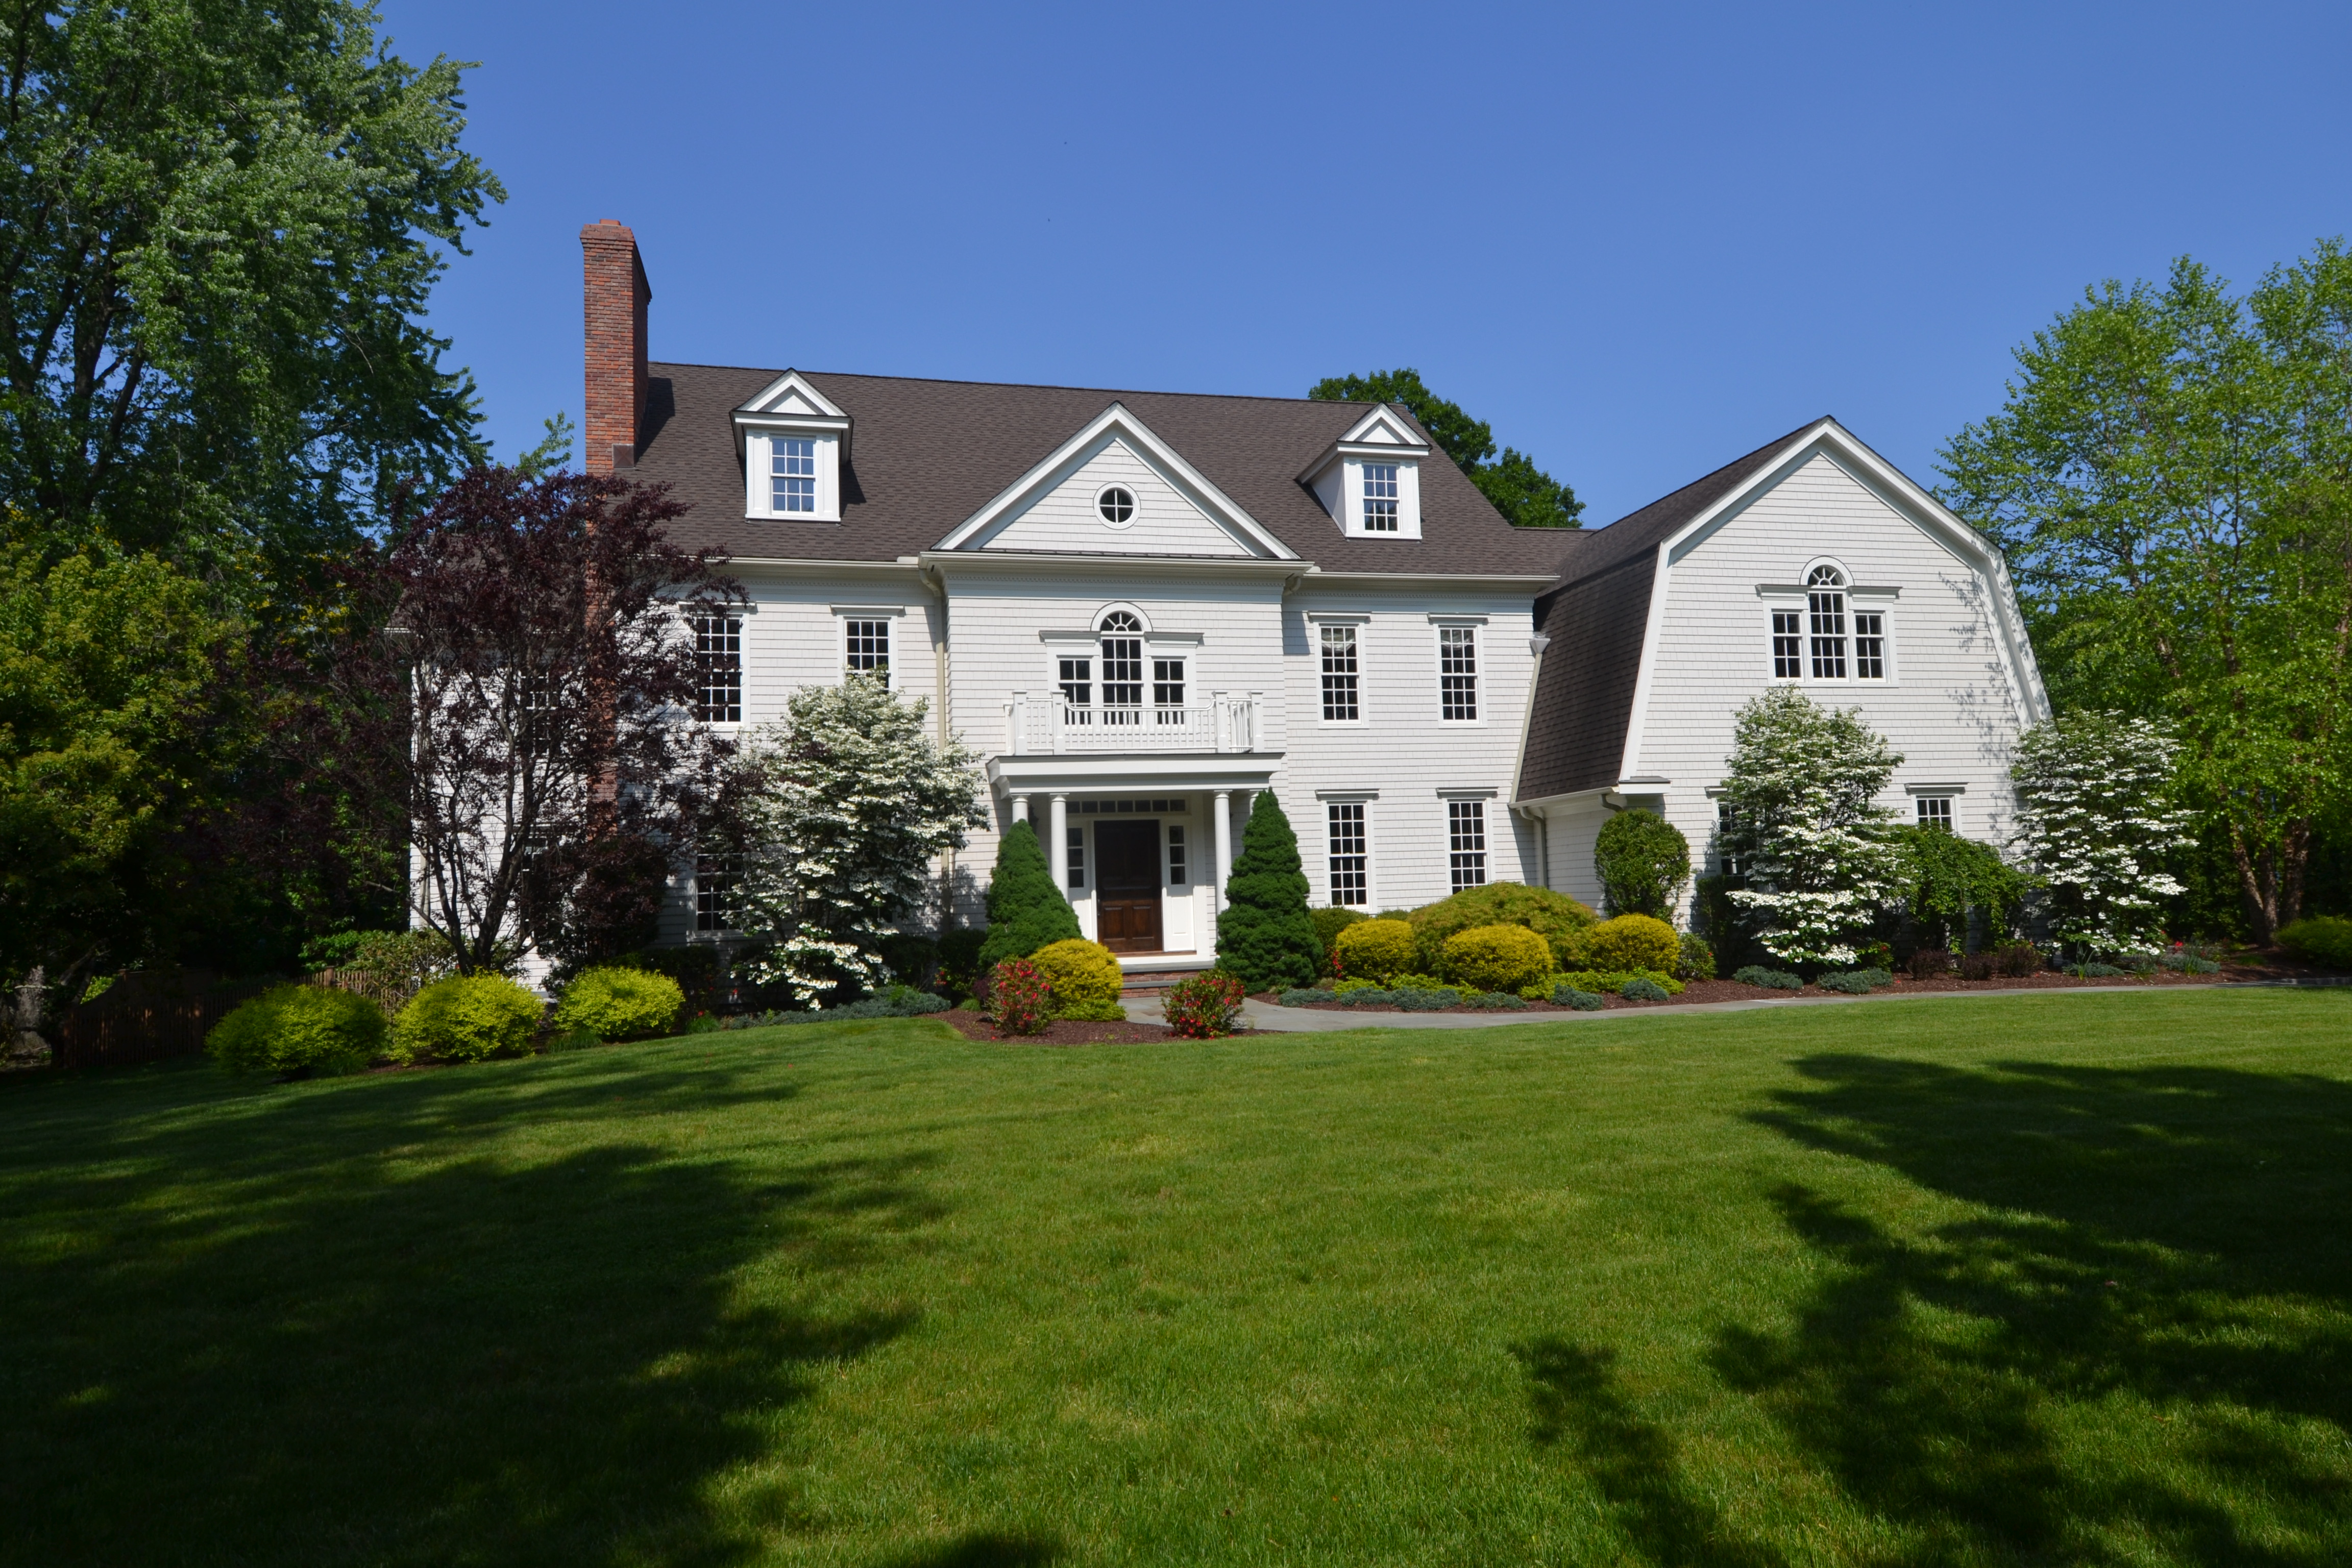 Частный односемейный дом для того Продажа на A Private Oasis 148 North Avenue Westport, Коннектикут, 06880 Соединенные Штаты